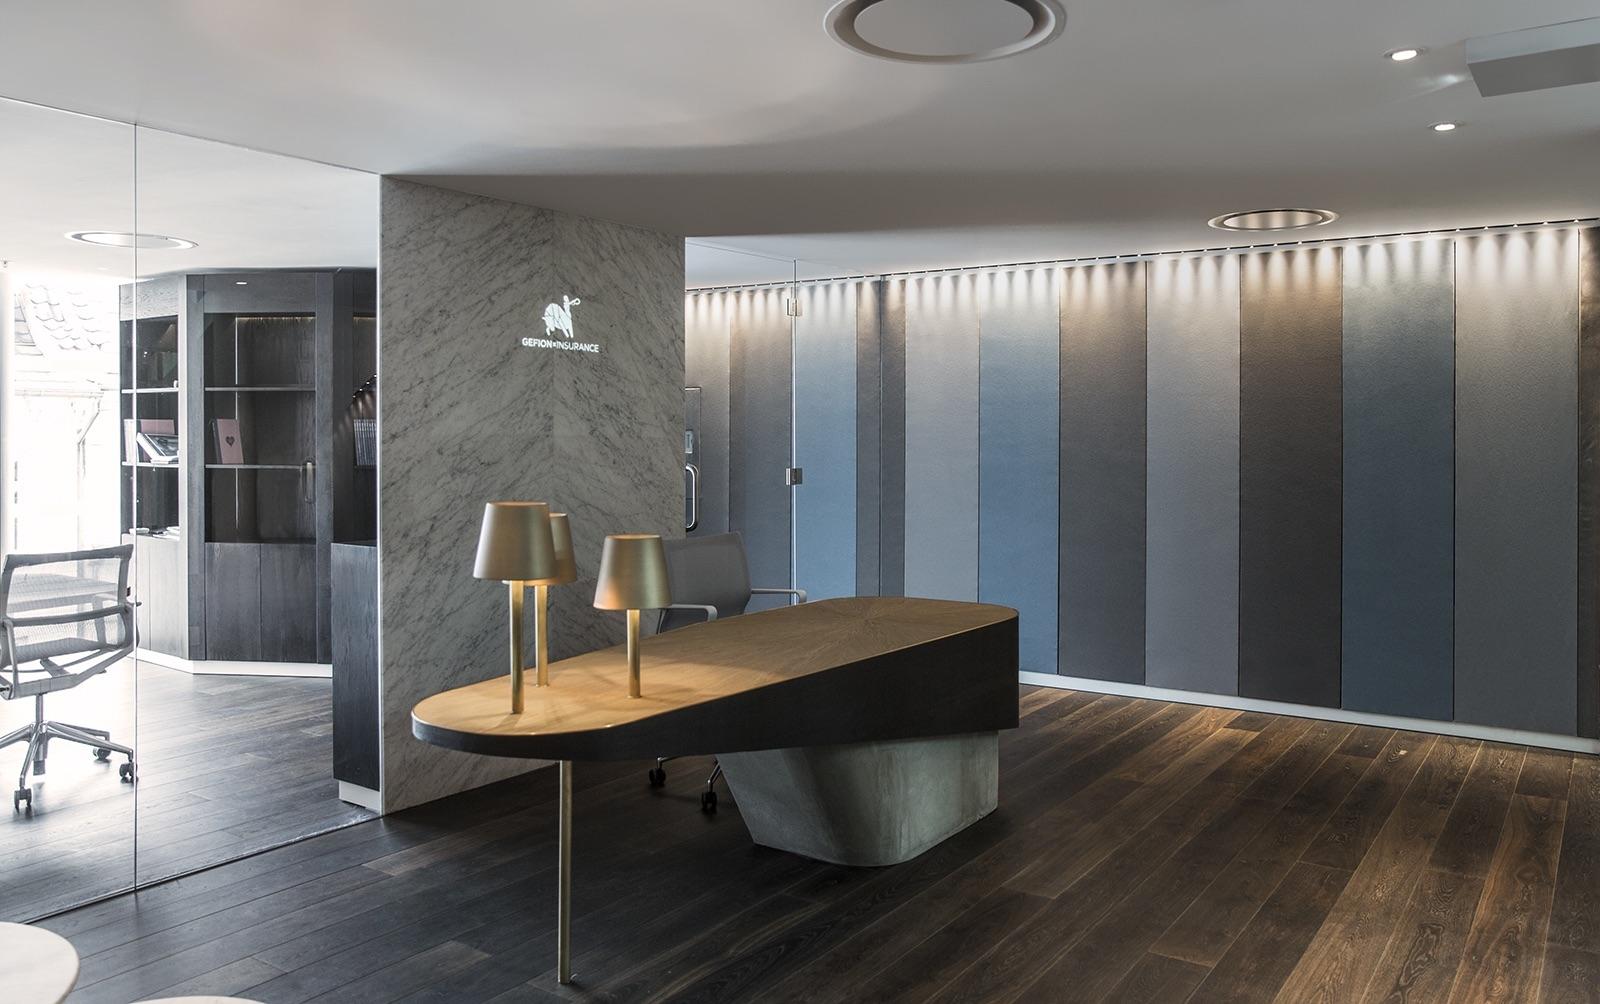 A Look Inside Gefion Insurance's Copenhagen HQ